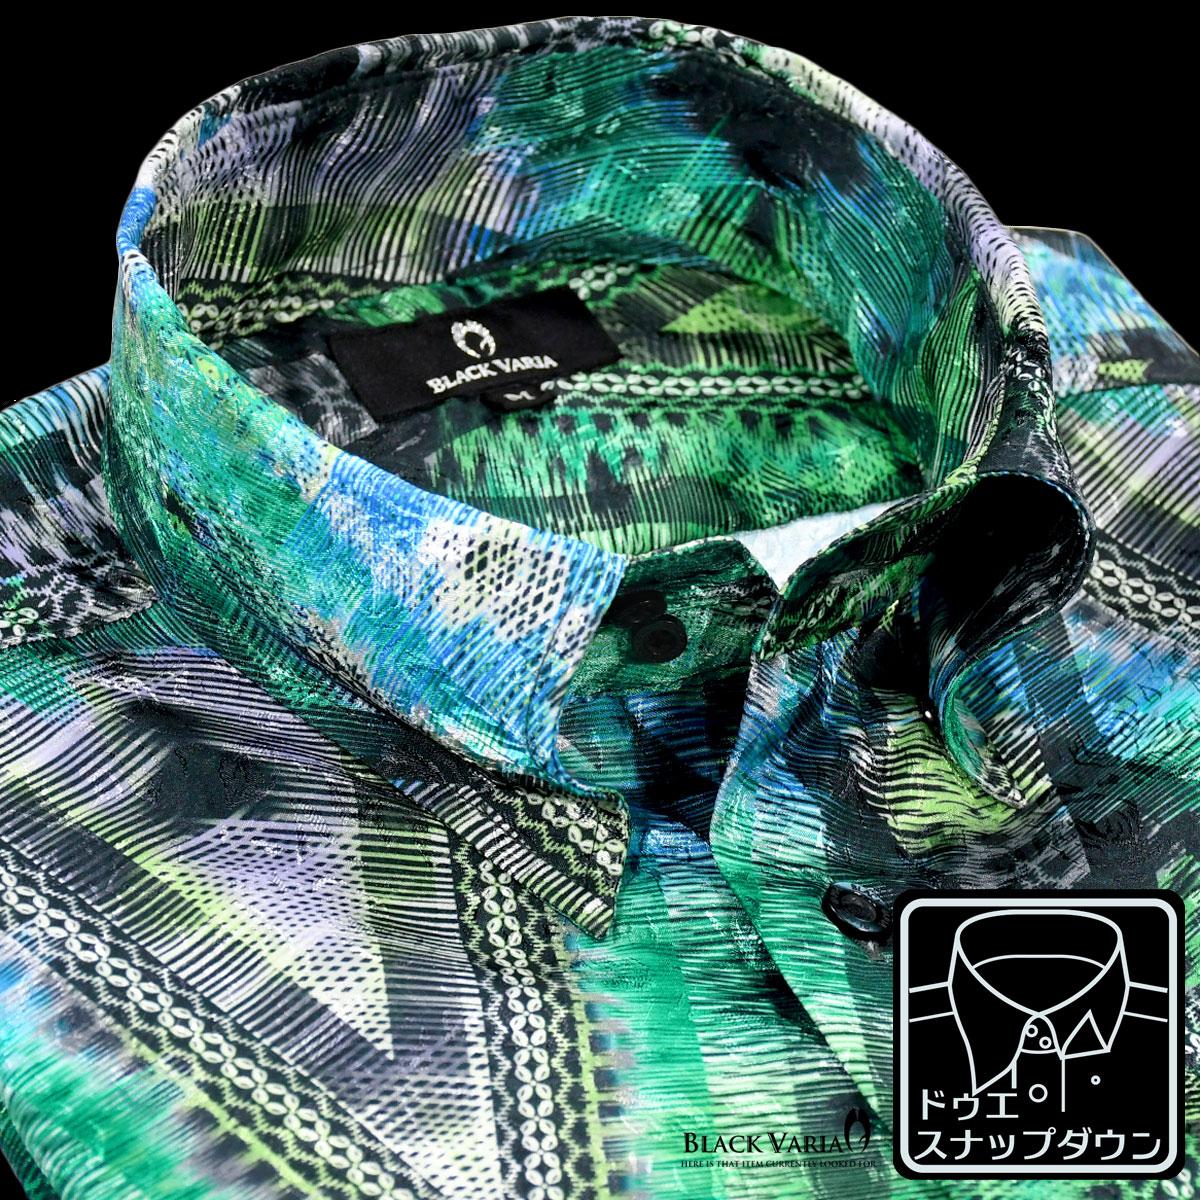 サテンシャツ ドレスシャツ ドゥエボットーニ ダイヤ柄 幾何学 スナップダウン ジャガード メンズ mens(グリーン緑ブルー青) 181111